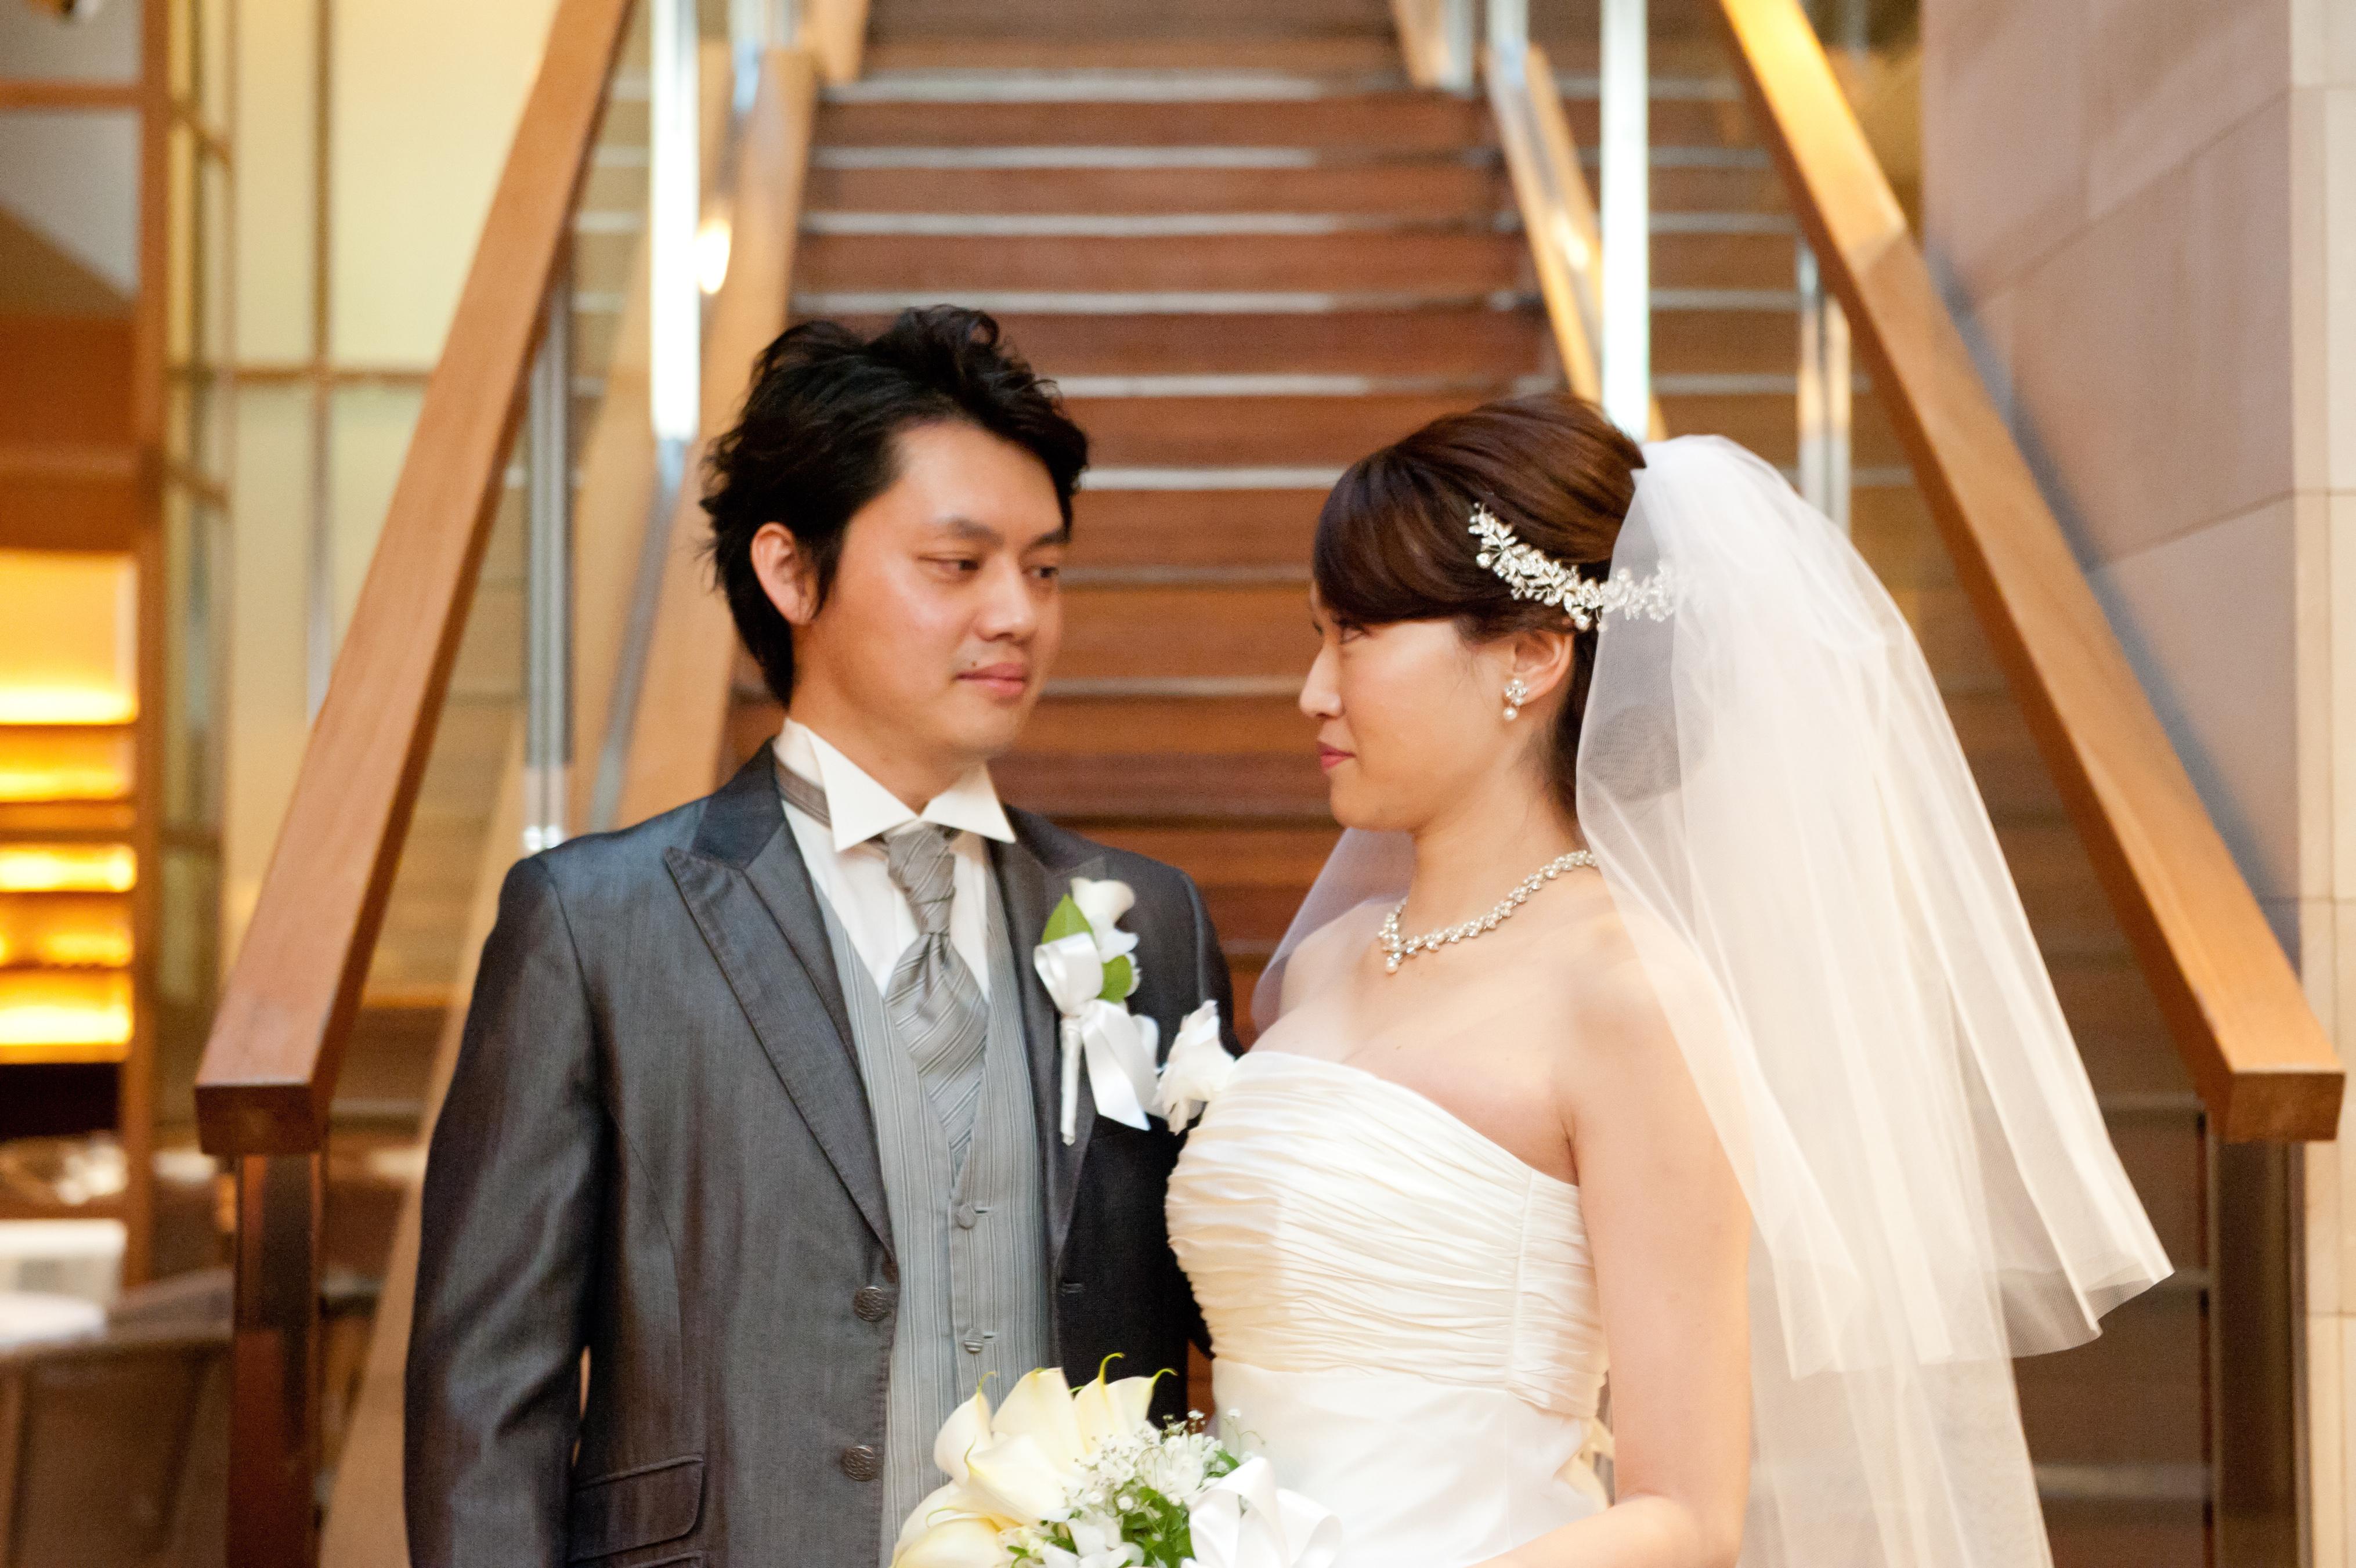 ひろこ 結婚 七海